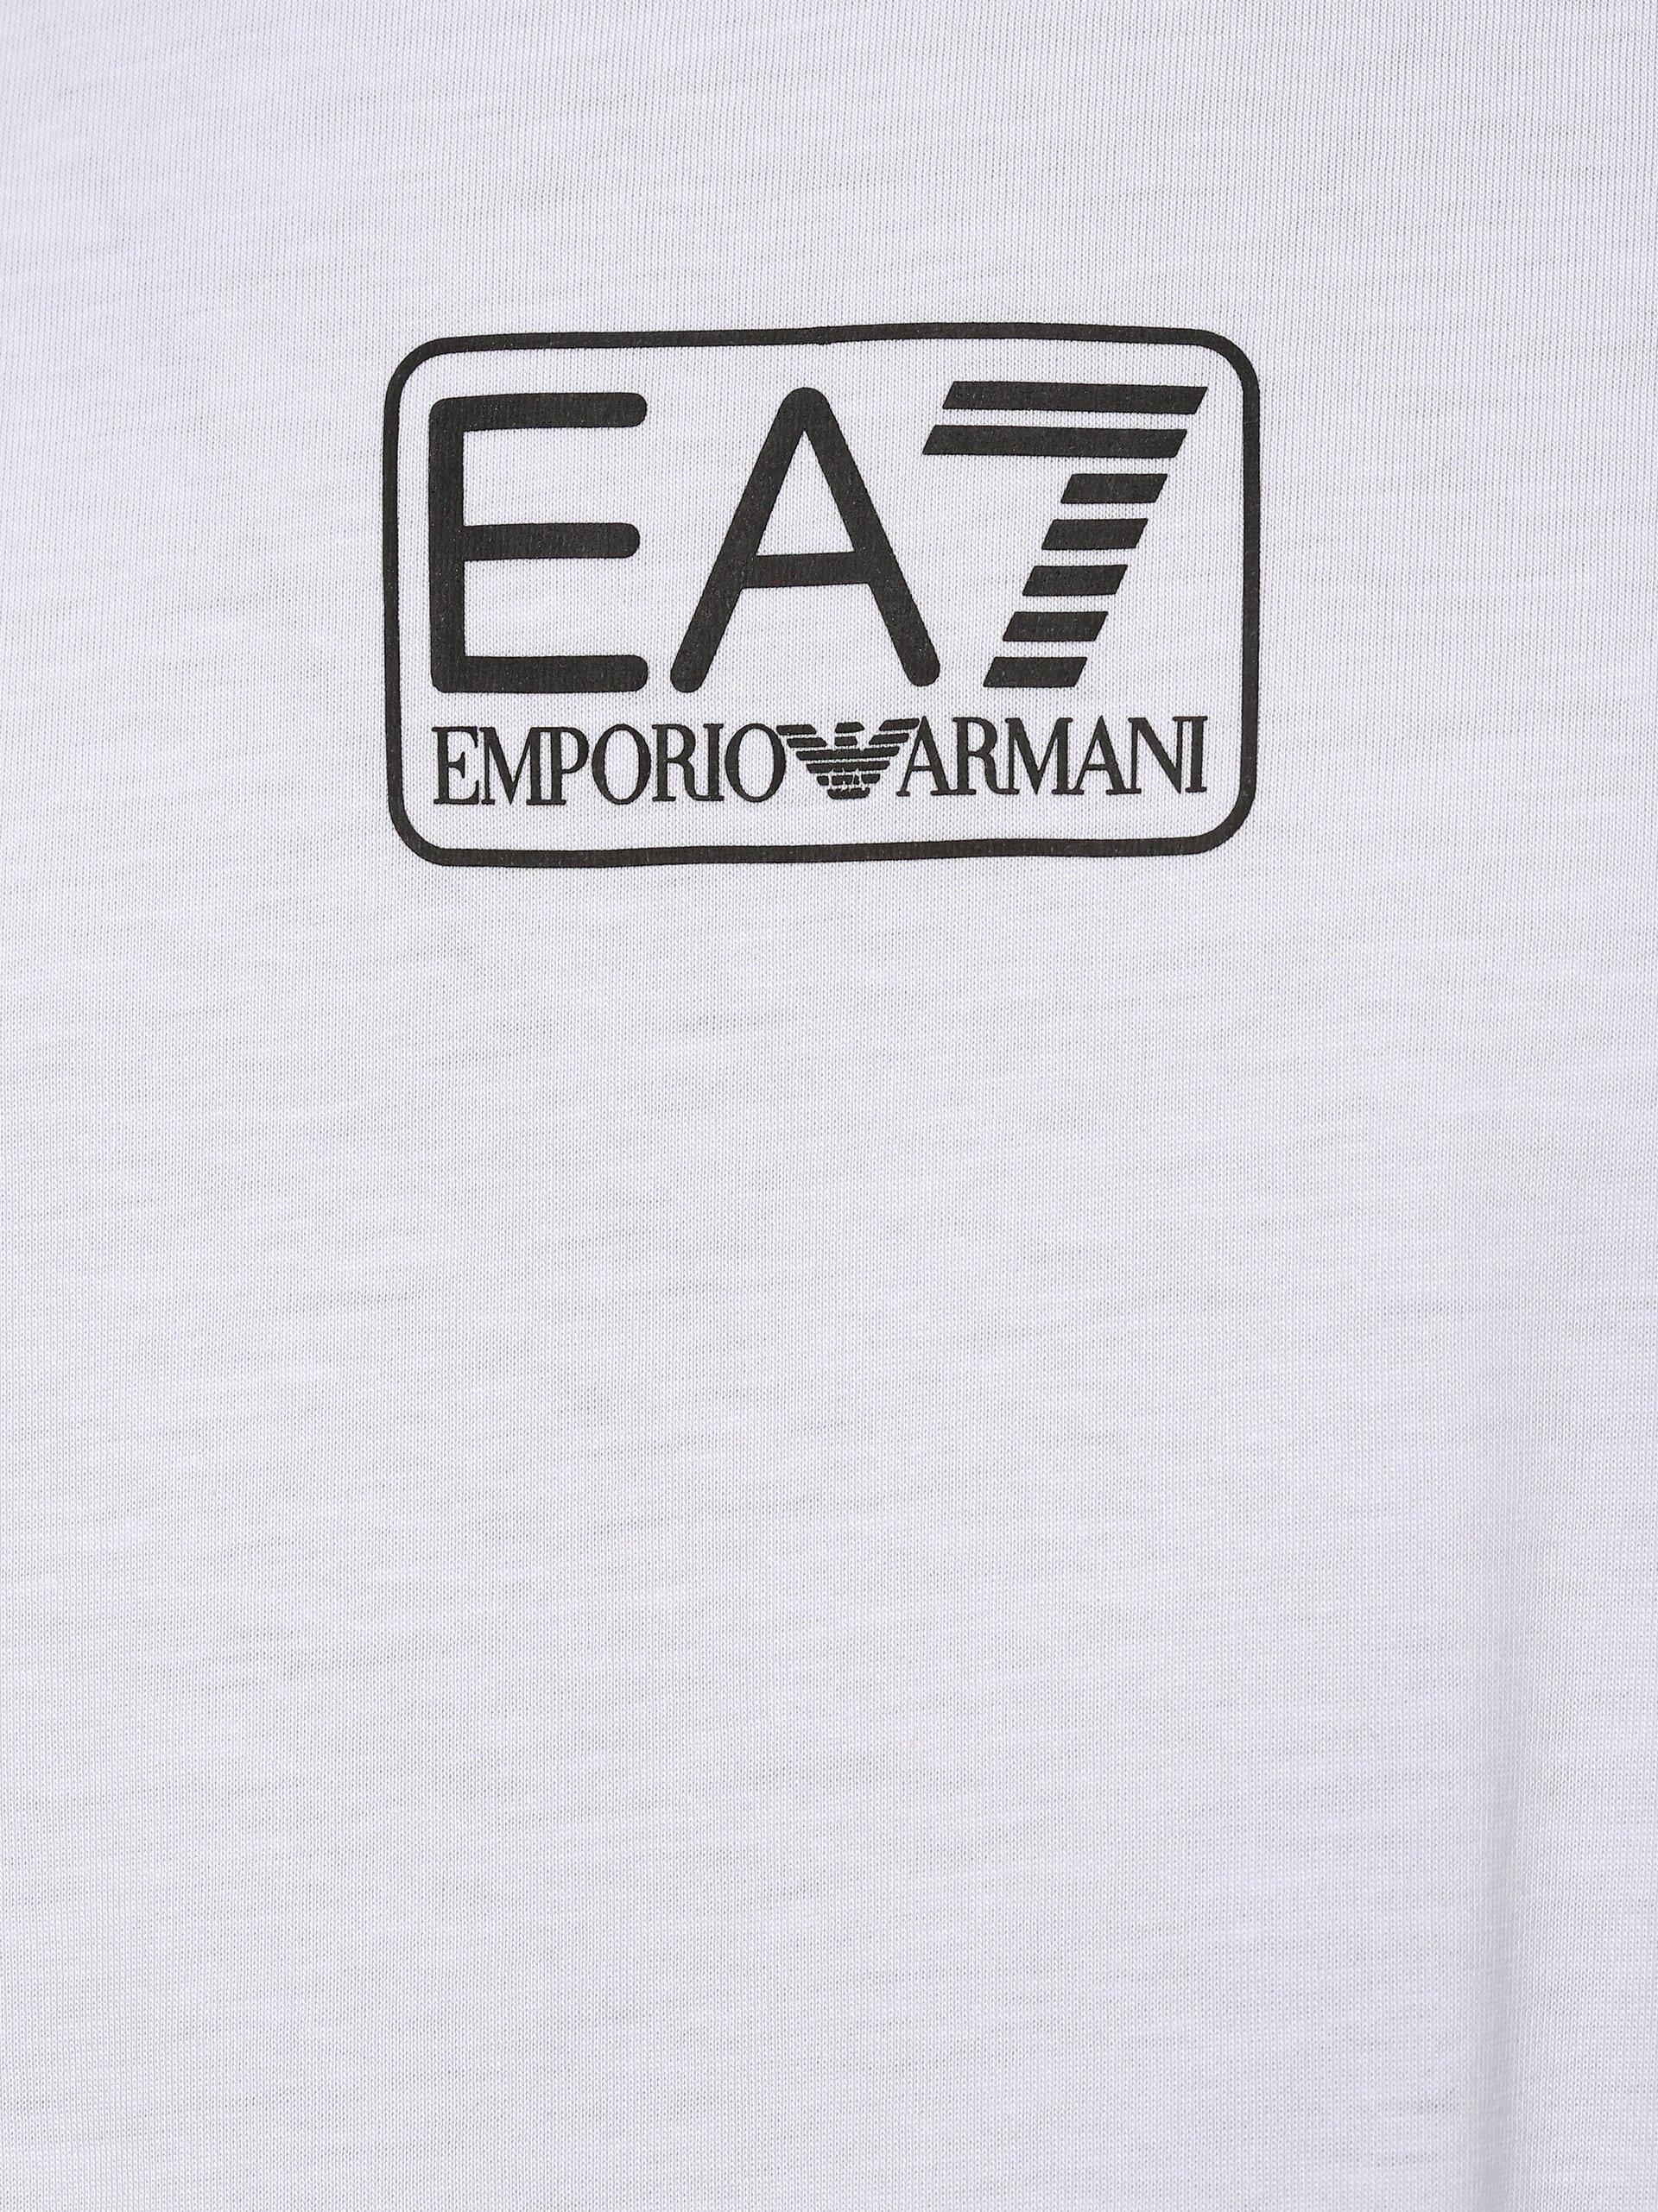 EA7 Emporio Armani Herren T-Shirt